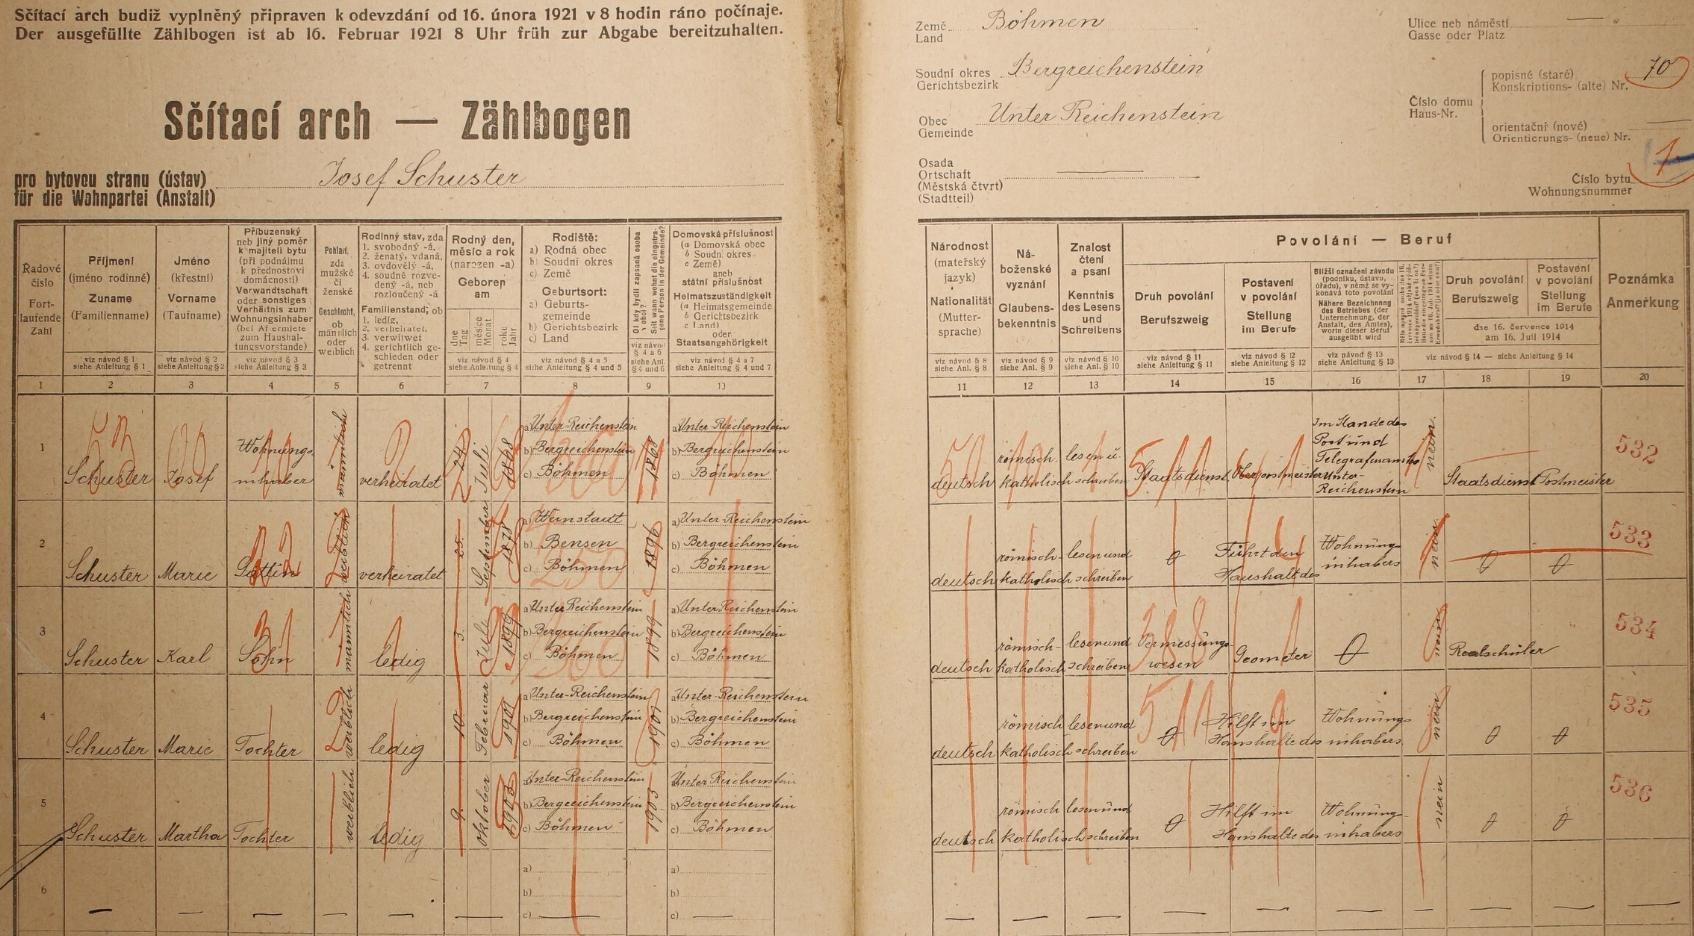 """Arch sčítání lidu z roku 1921 pro dům č. 70 v Rejštejně, kde poštmistr Josef Schuster uvádí v rubrice povolání výraz """"Staatsdienst"""""""